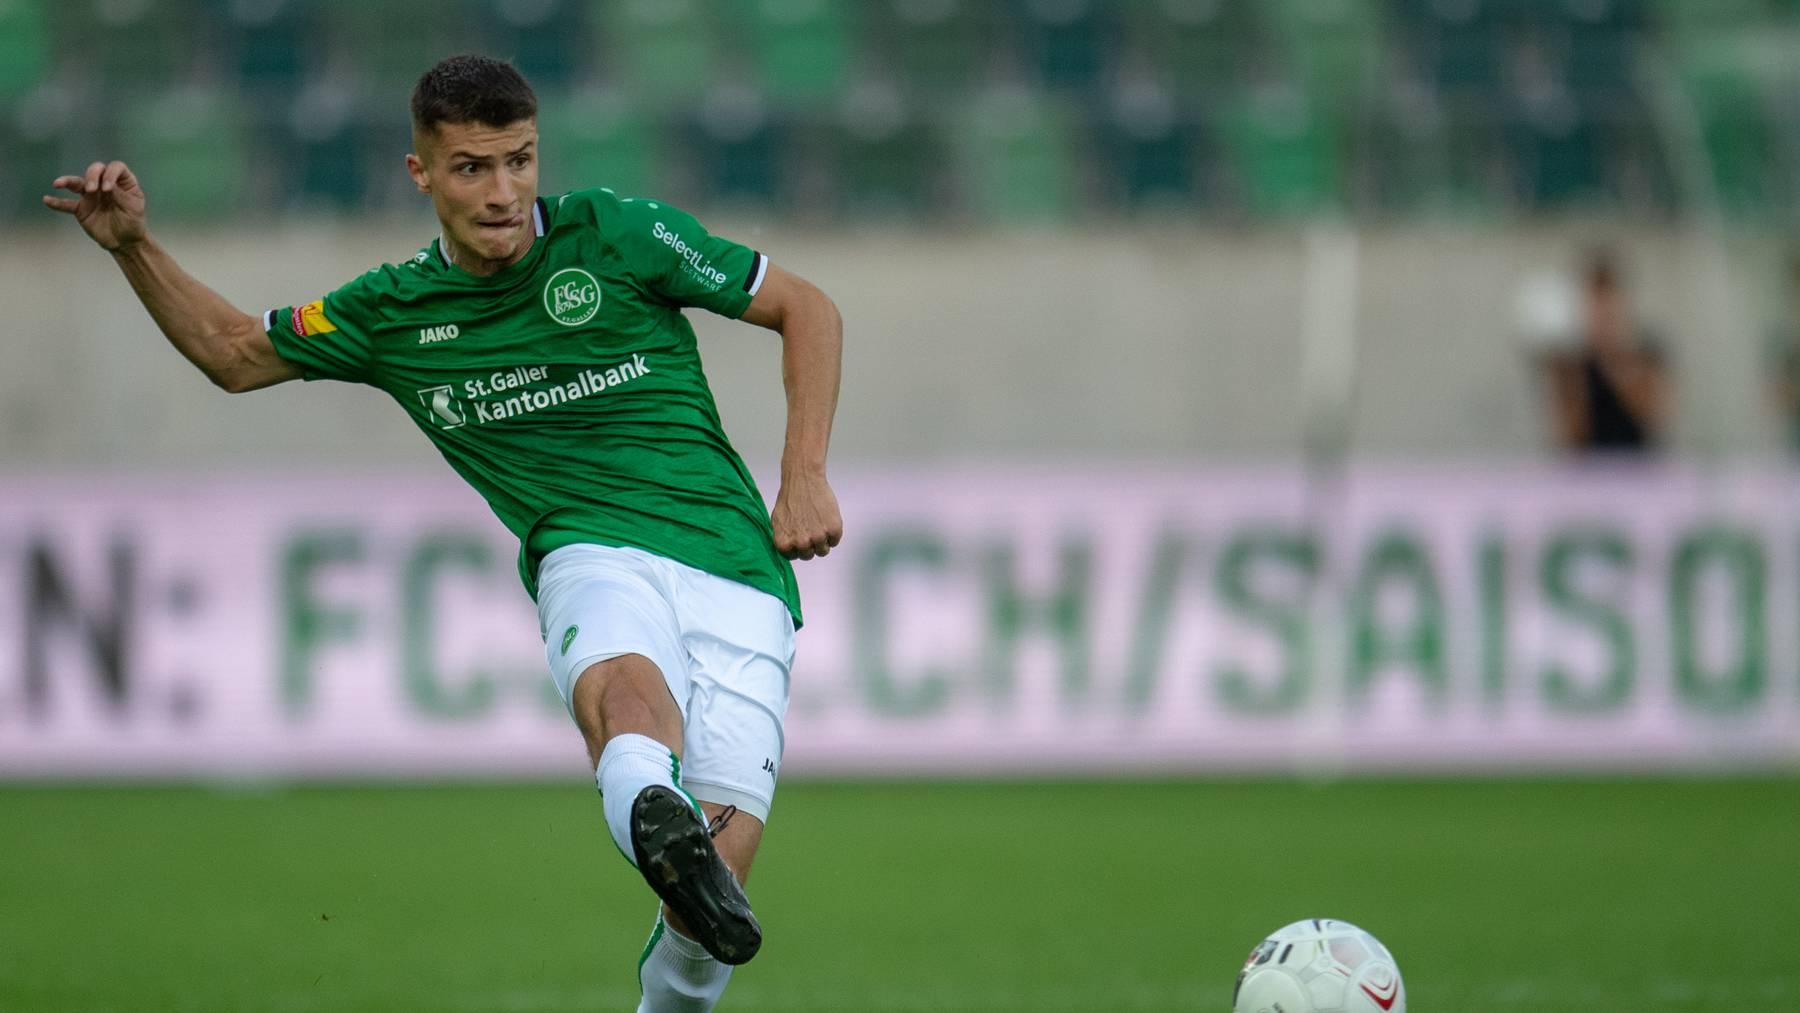 Fussballtalent Leonidas Stergiou (19) könnte schon bald nach Genua unterwegs sein.